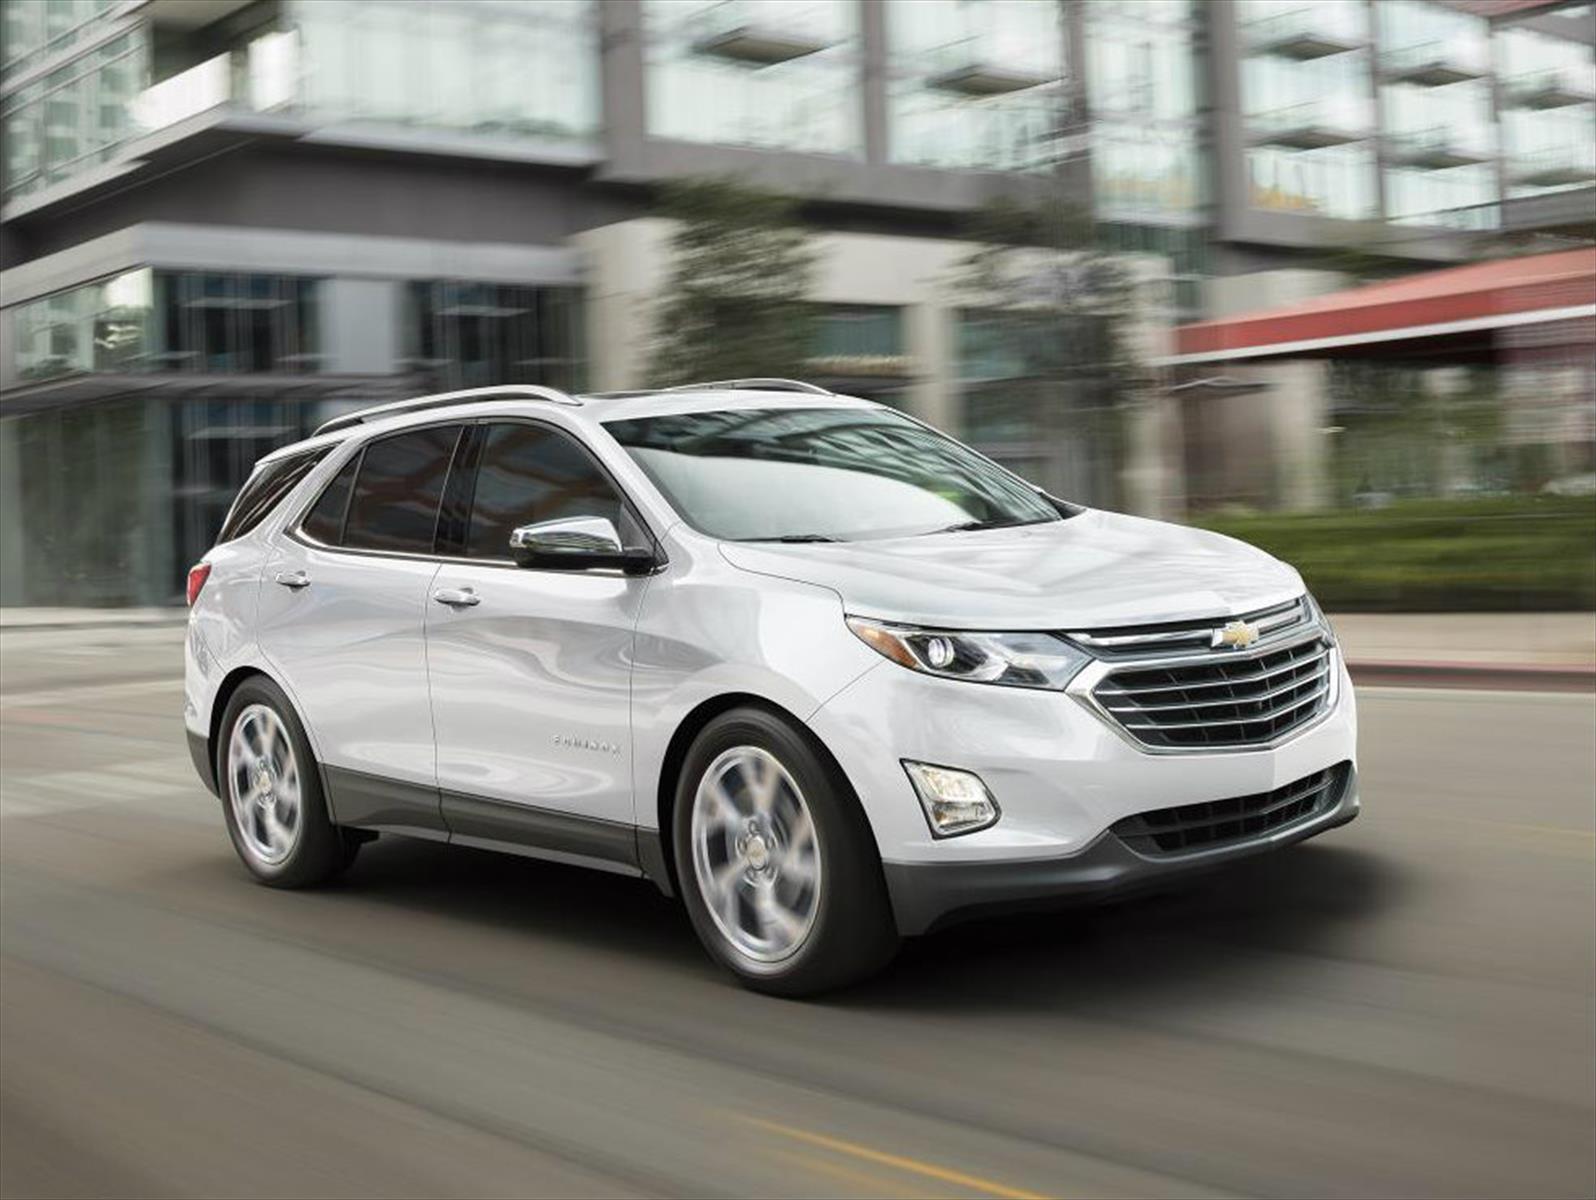 Chevrolet Equinox Diesel 2018 supera en eficiencia a sus rivales híbridos